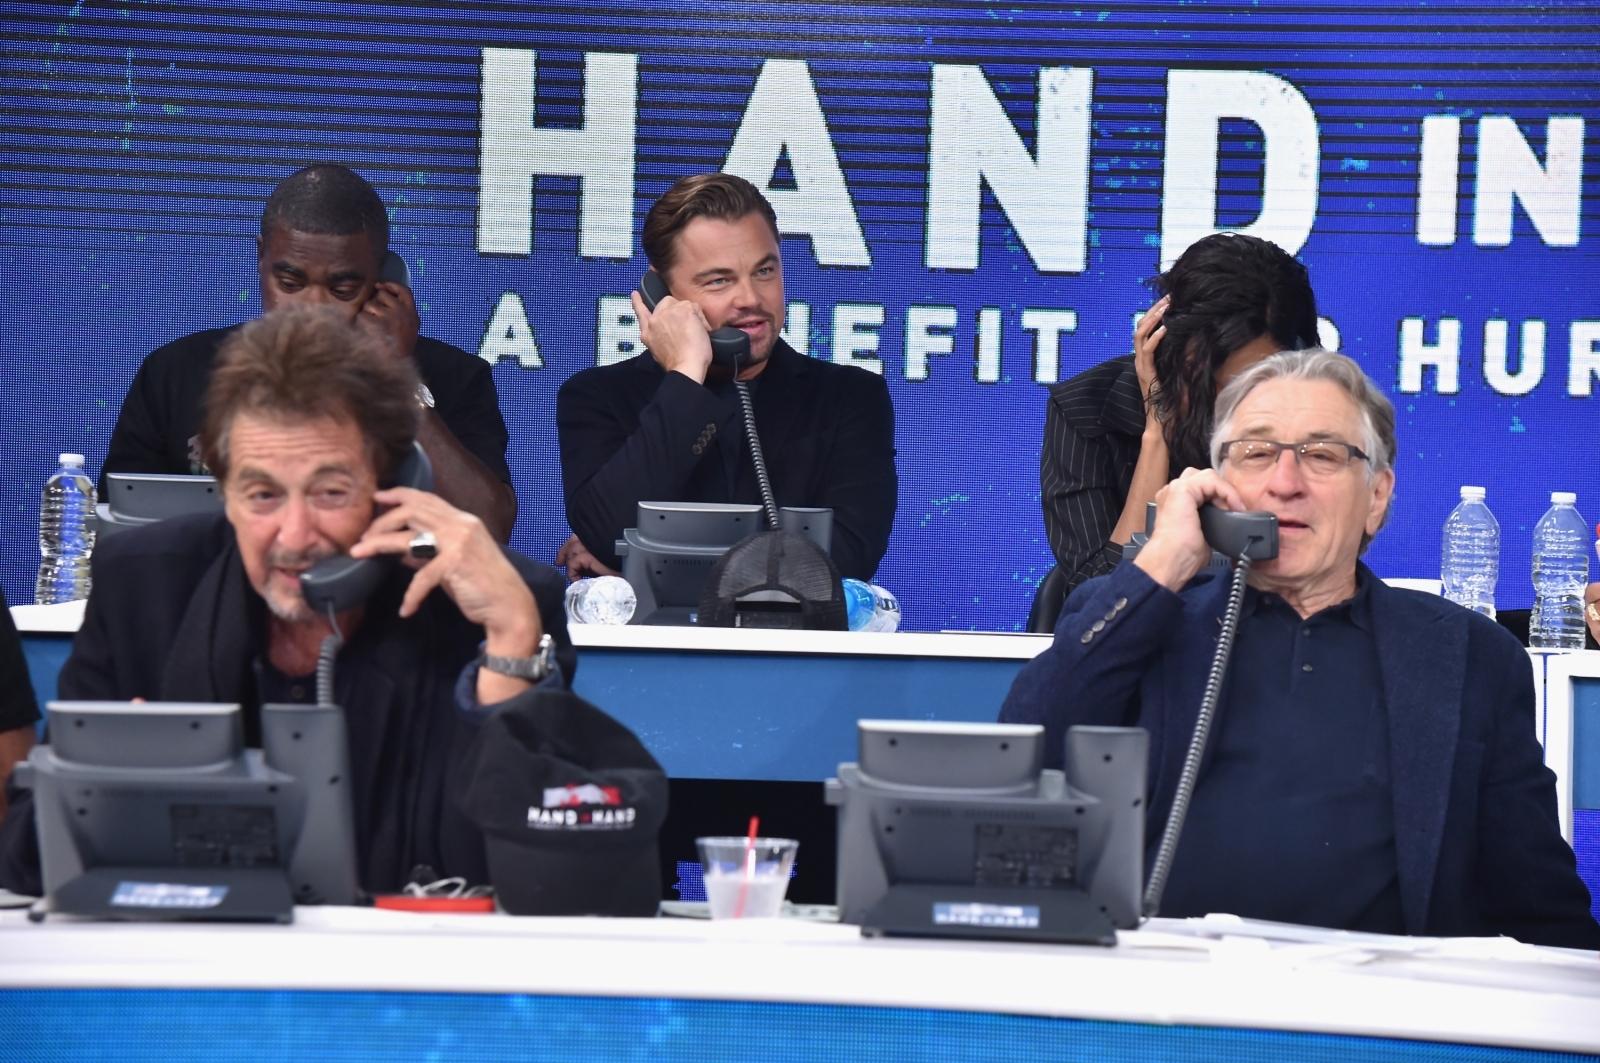 Al Pacino, Leonardo DiCaprio, Robert De Niro